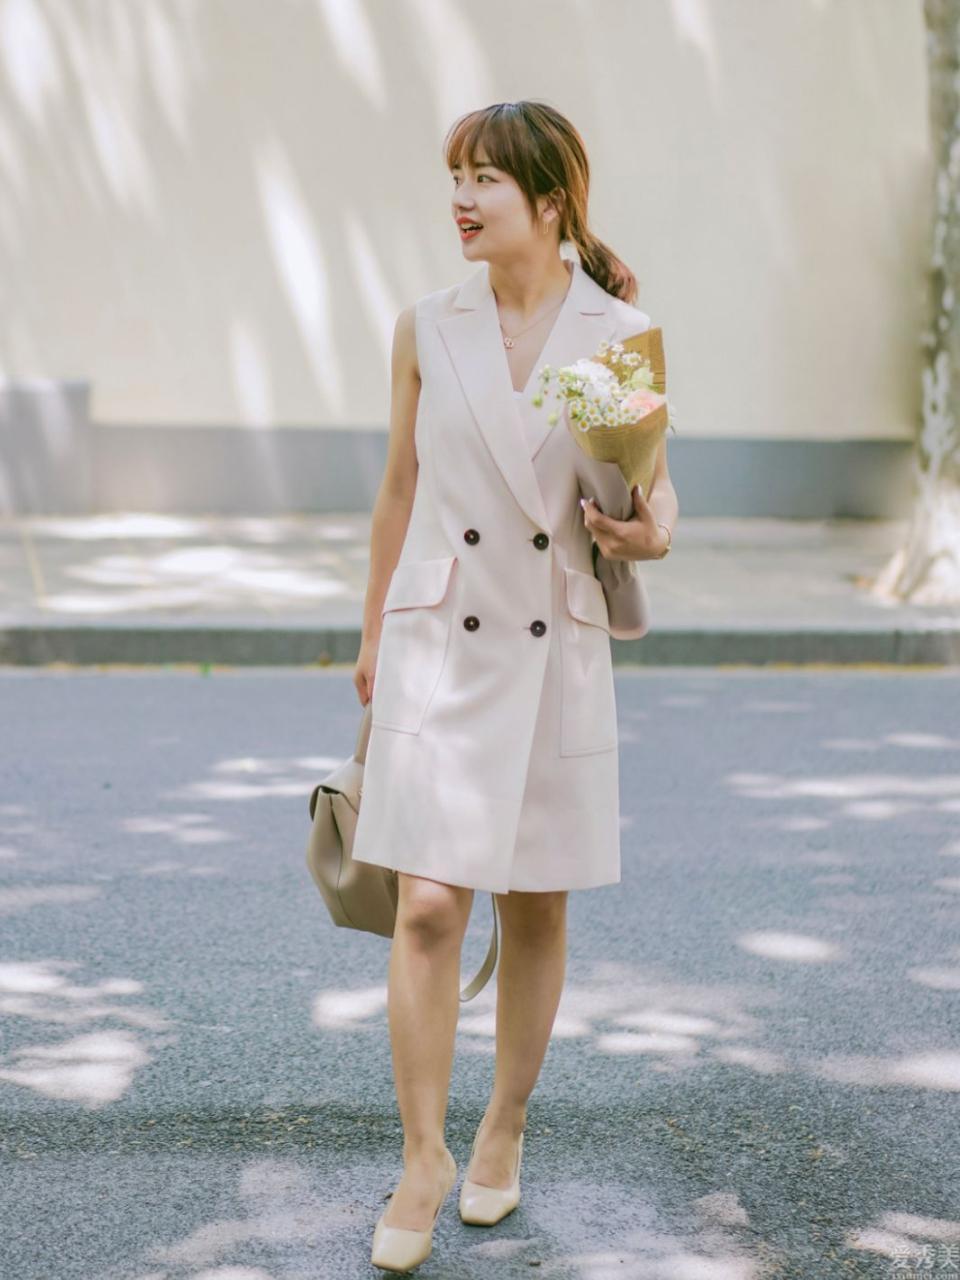 夏季,連衣裙如何穿更強看?學這名小個子時尚博主的穿法,顯高有氣質